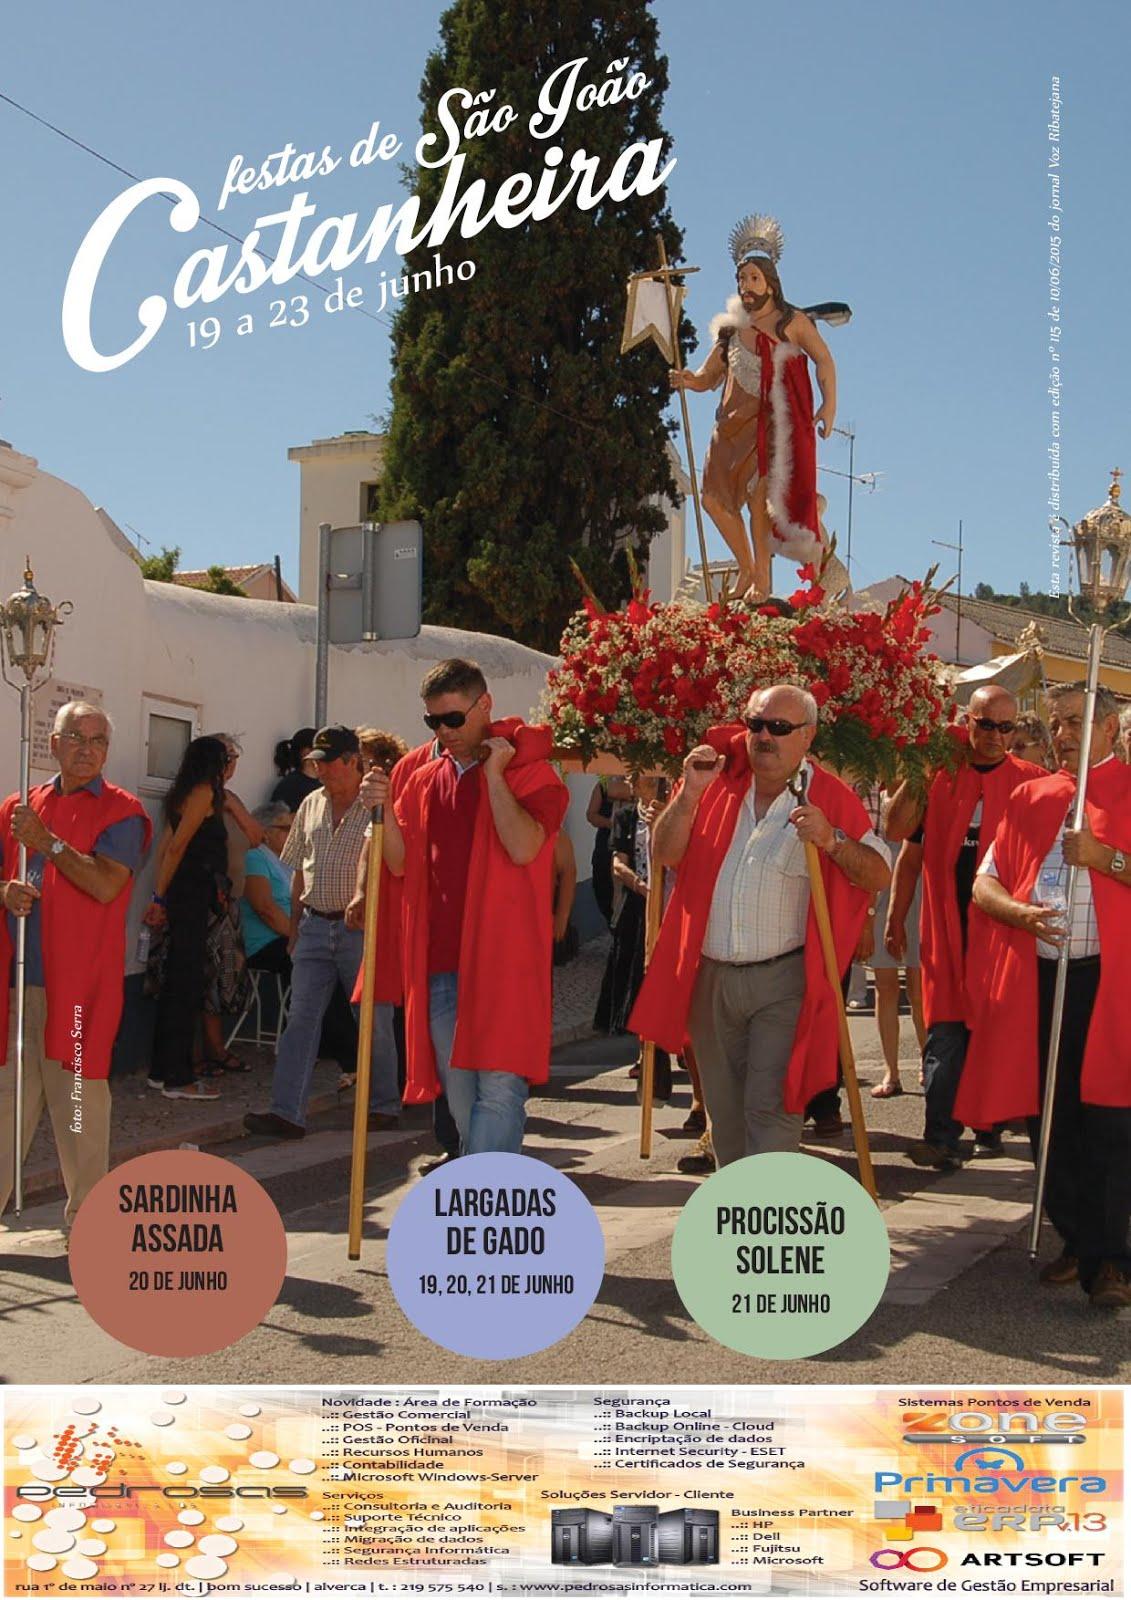 Festas de São João da Castanheira do Ribatejo e de Alhandra